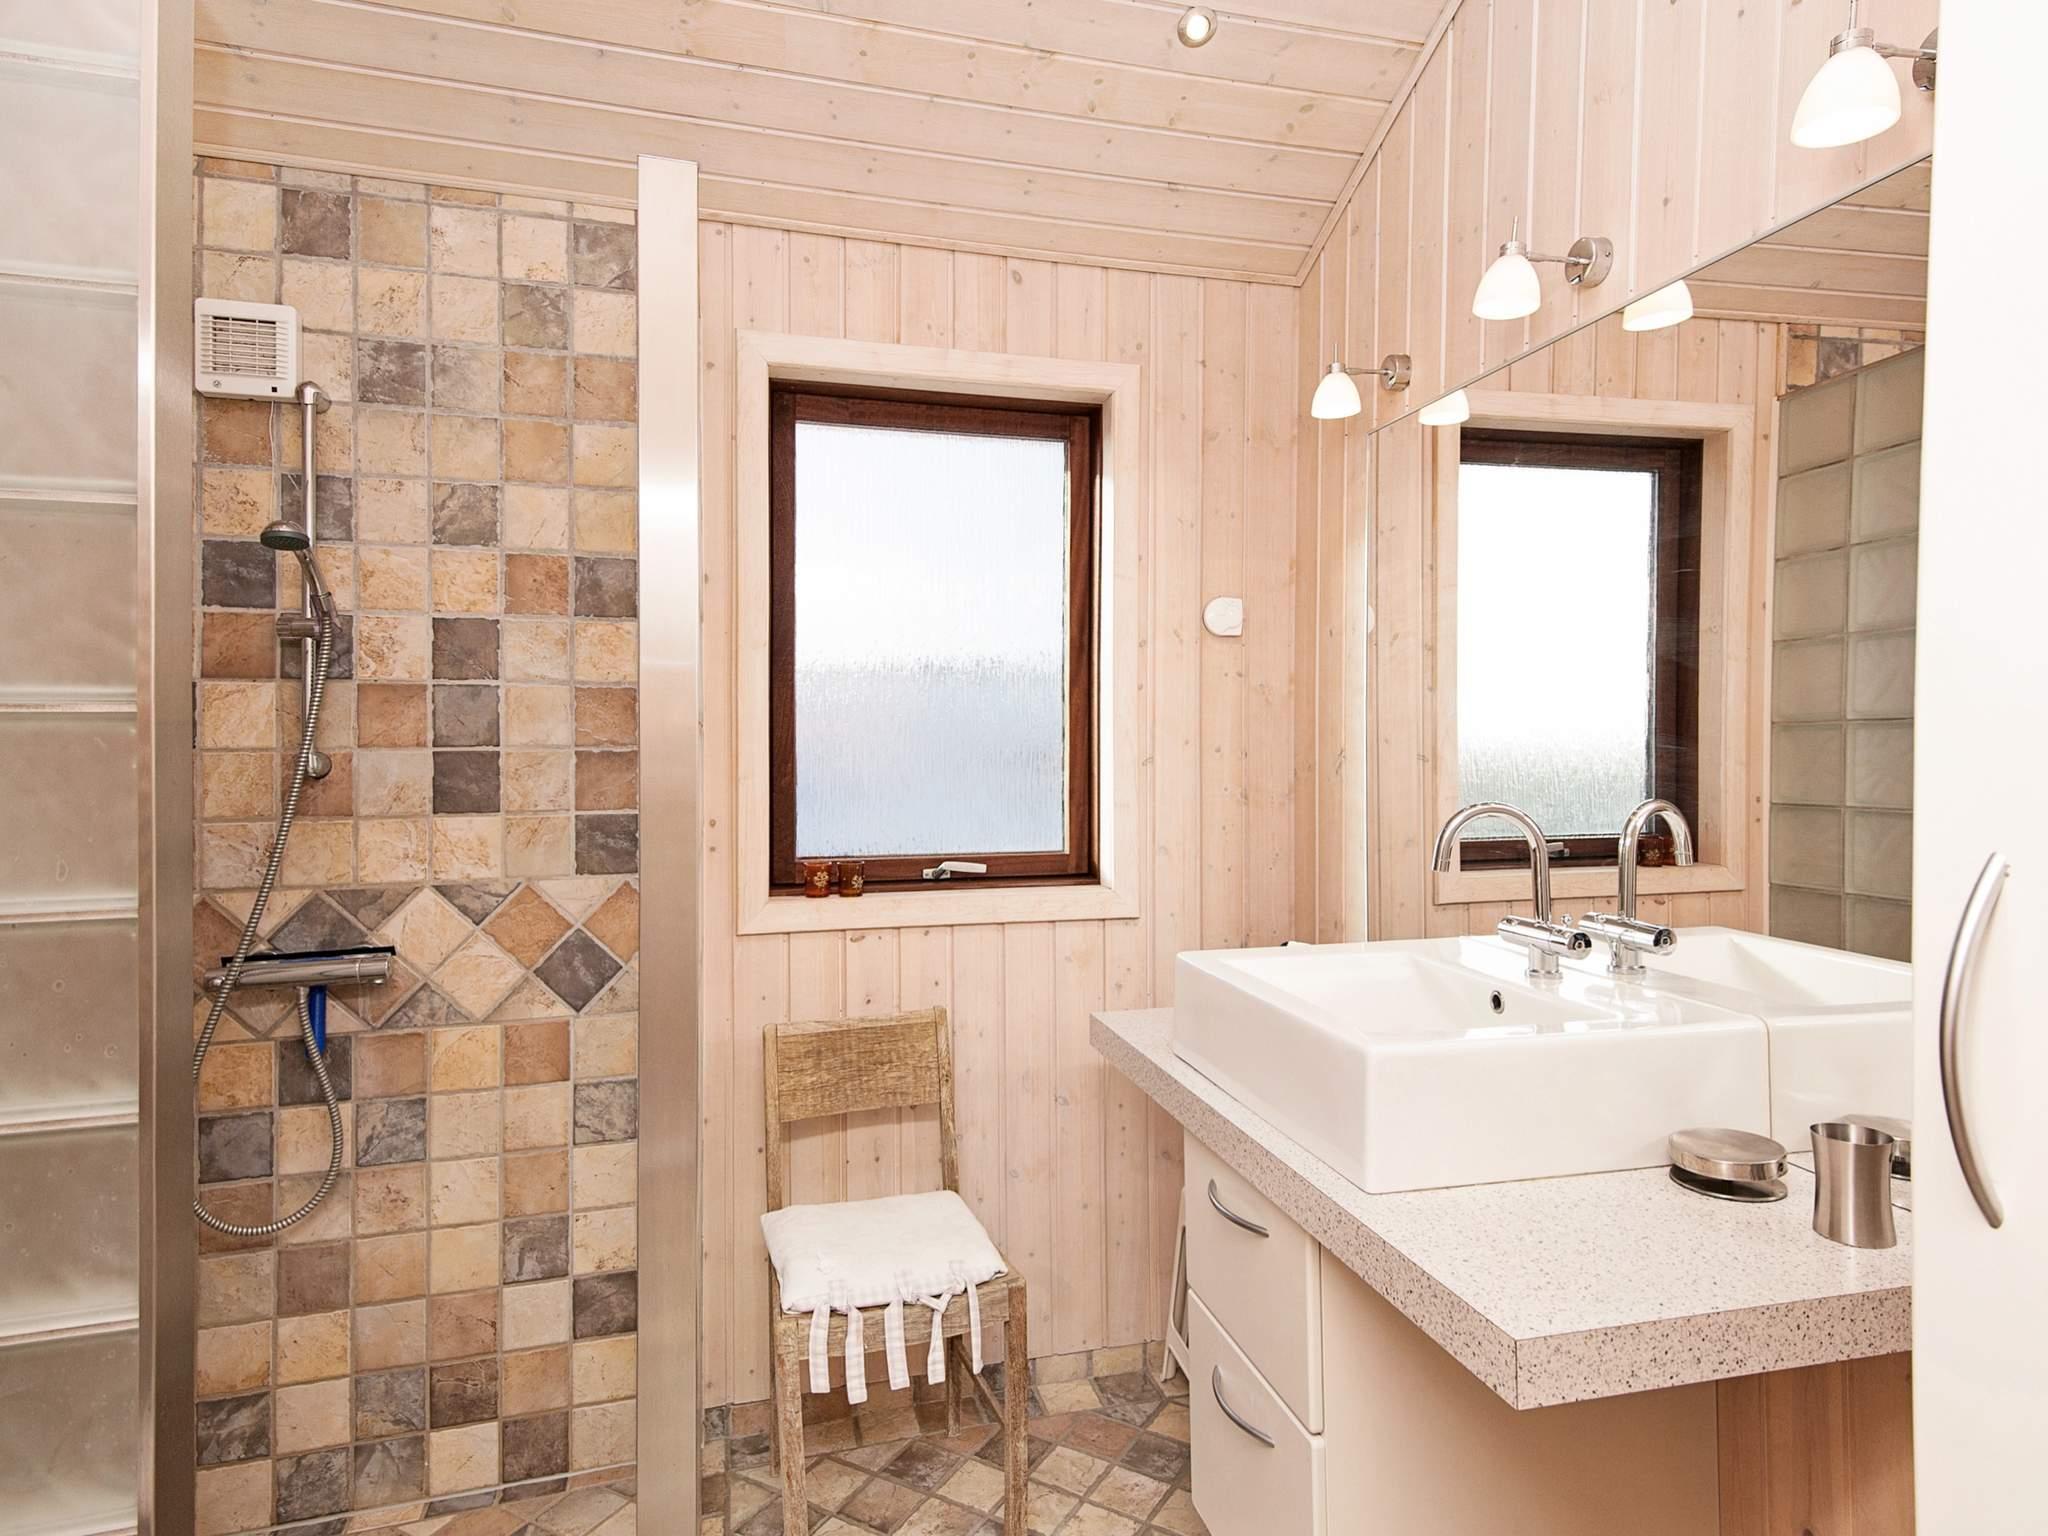 Ferienhaus Henne Strand (88550), Henne Strand, , Westjütland, Dänemark, Bild 15